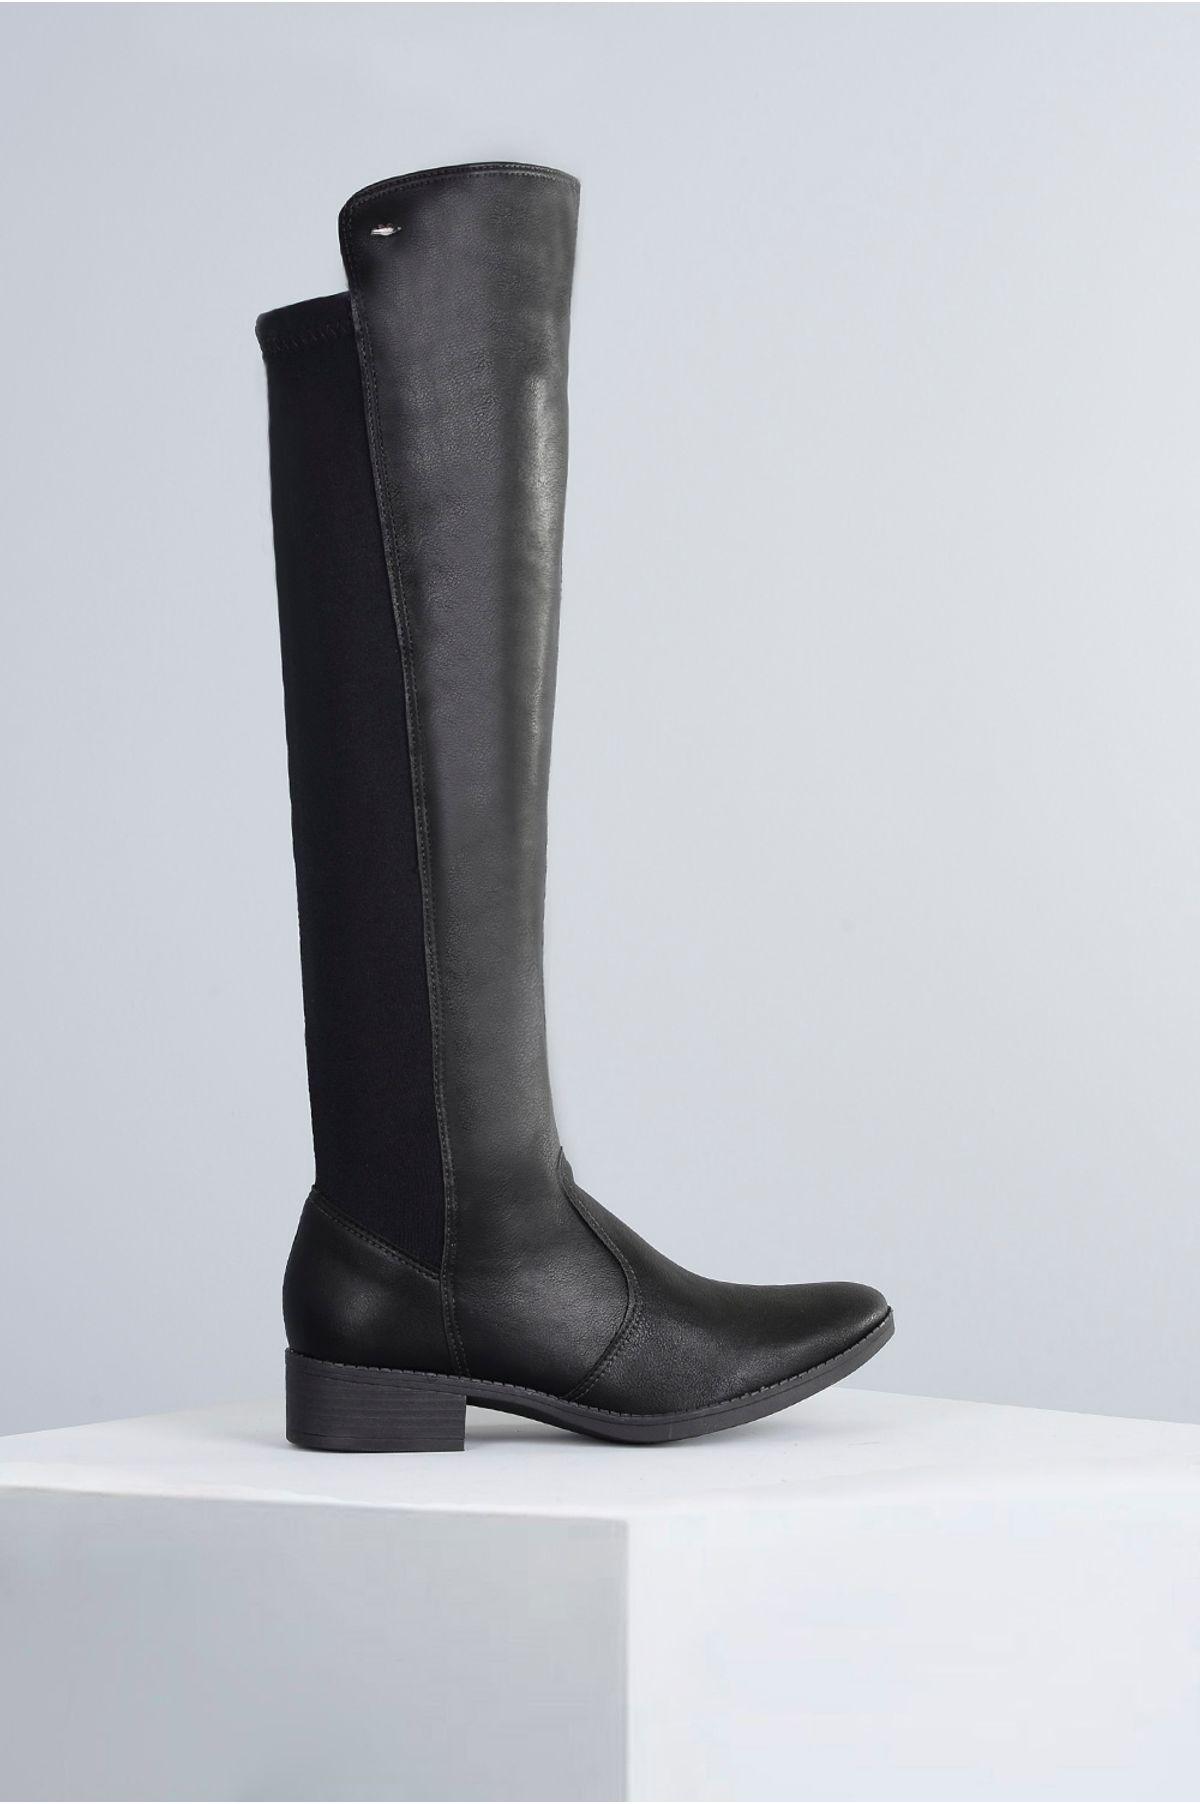 30a1788e6f Bota Feminina Salto Baixo Medly Dakota SINT - PRETO - Mundial Calçados